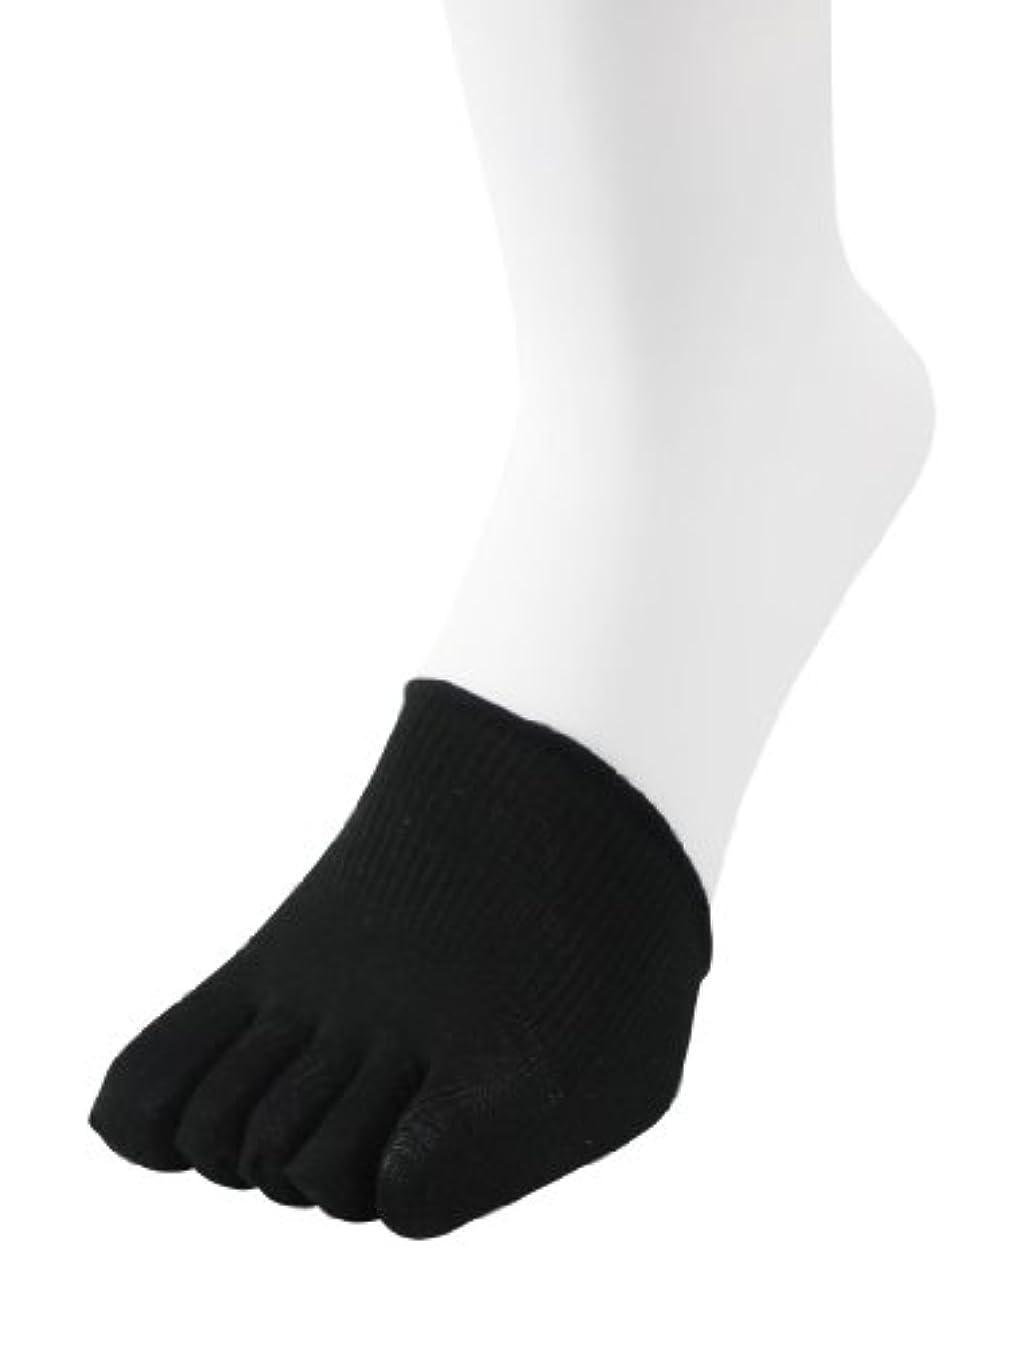 (くつしたこうぼう)靴下工房 五本指アンダーソックス 抗菌 防臭加工 絹混 ナイガイ 2200050